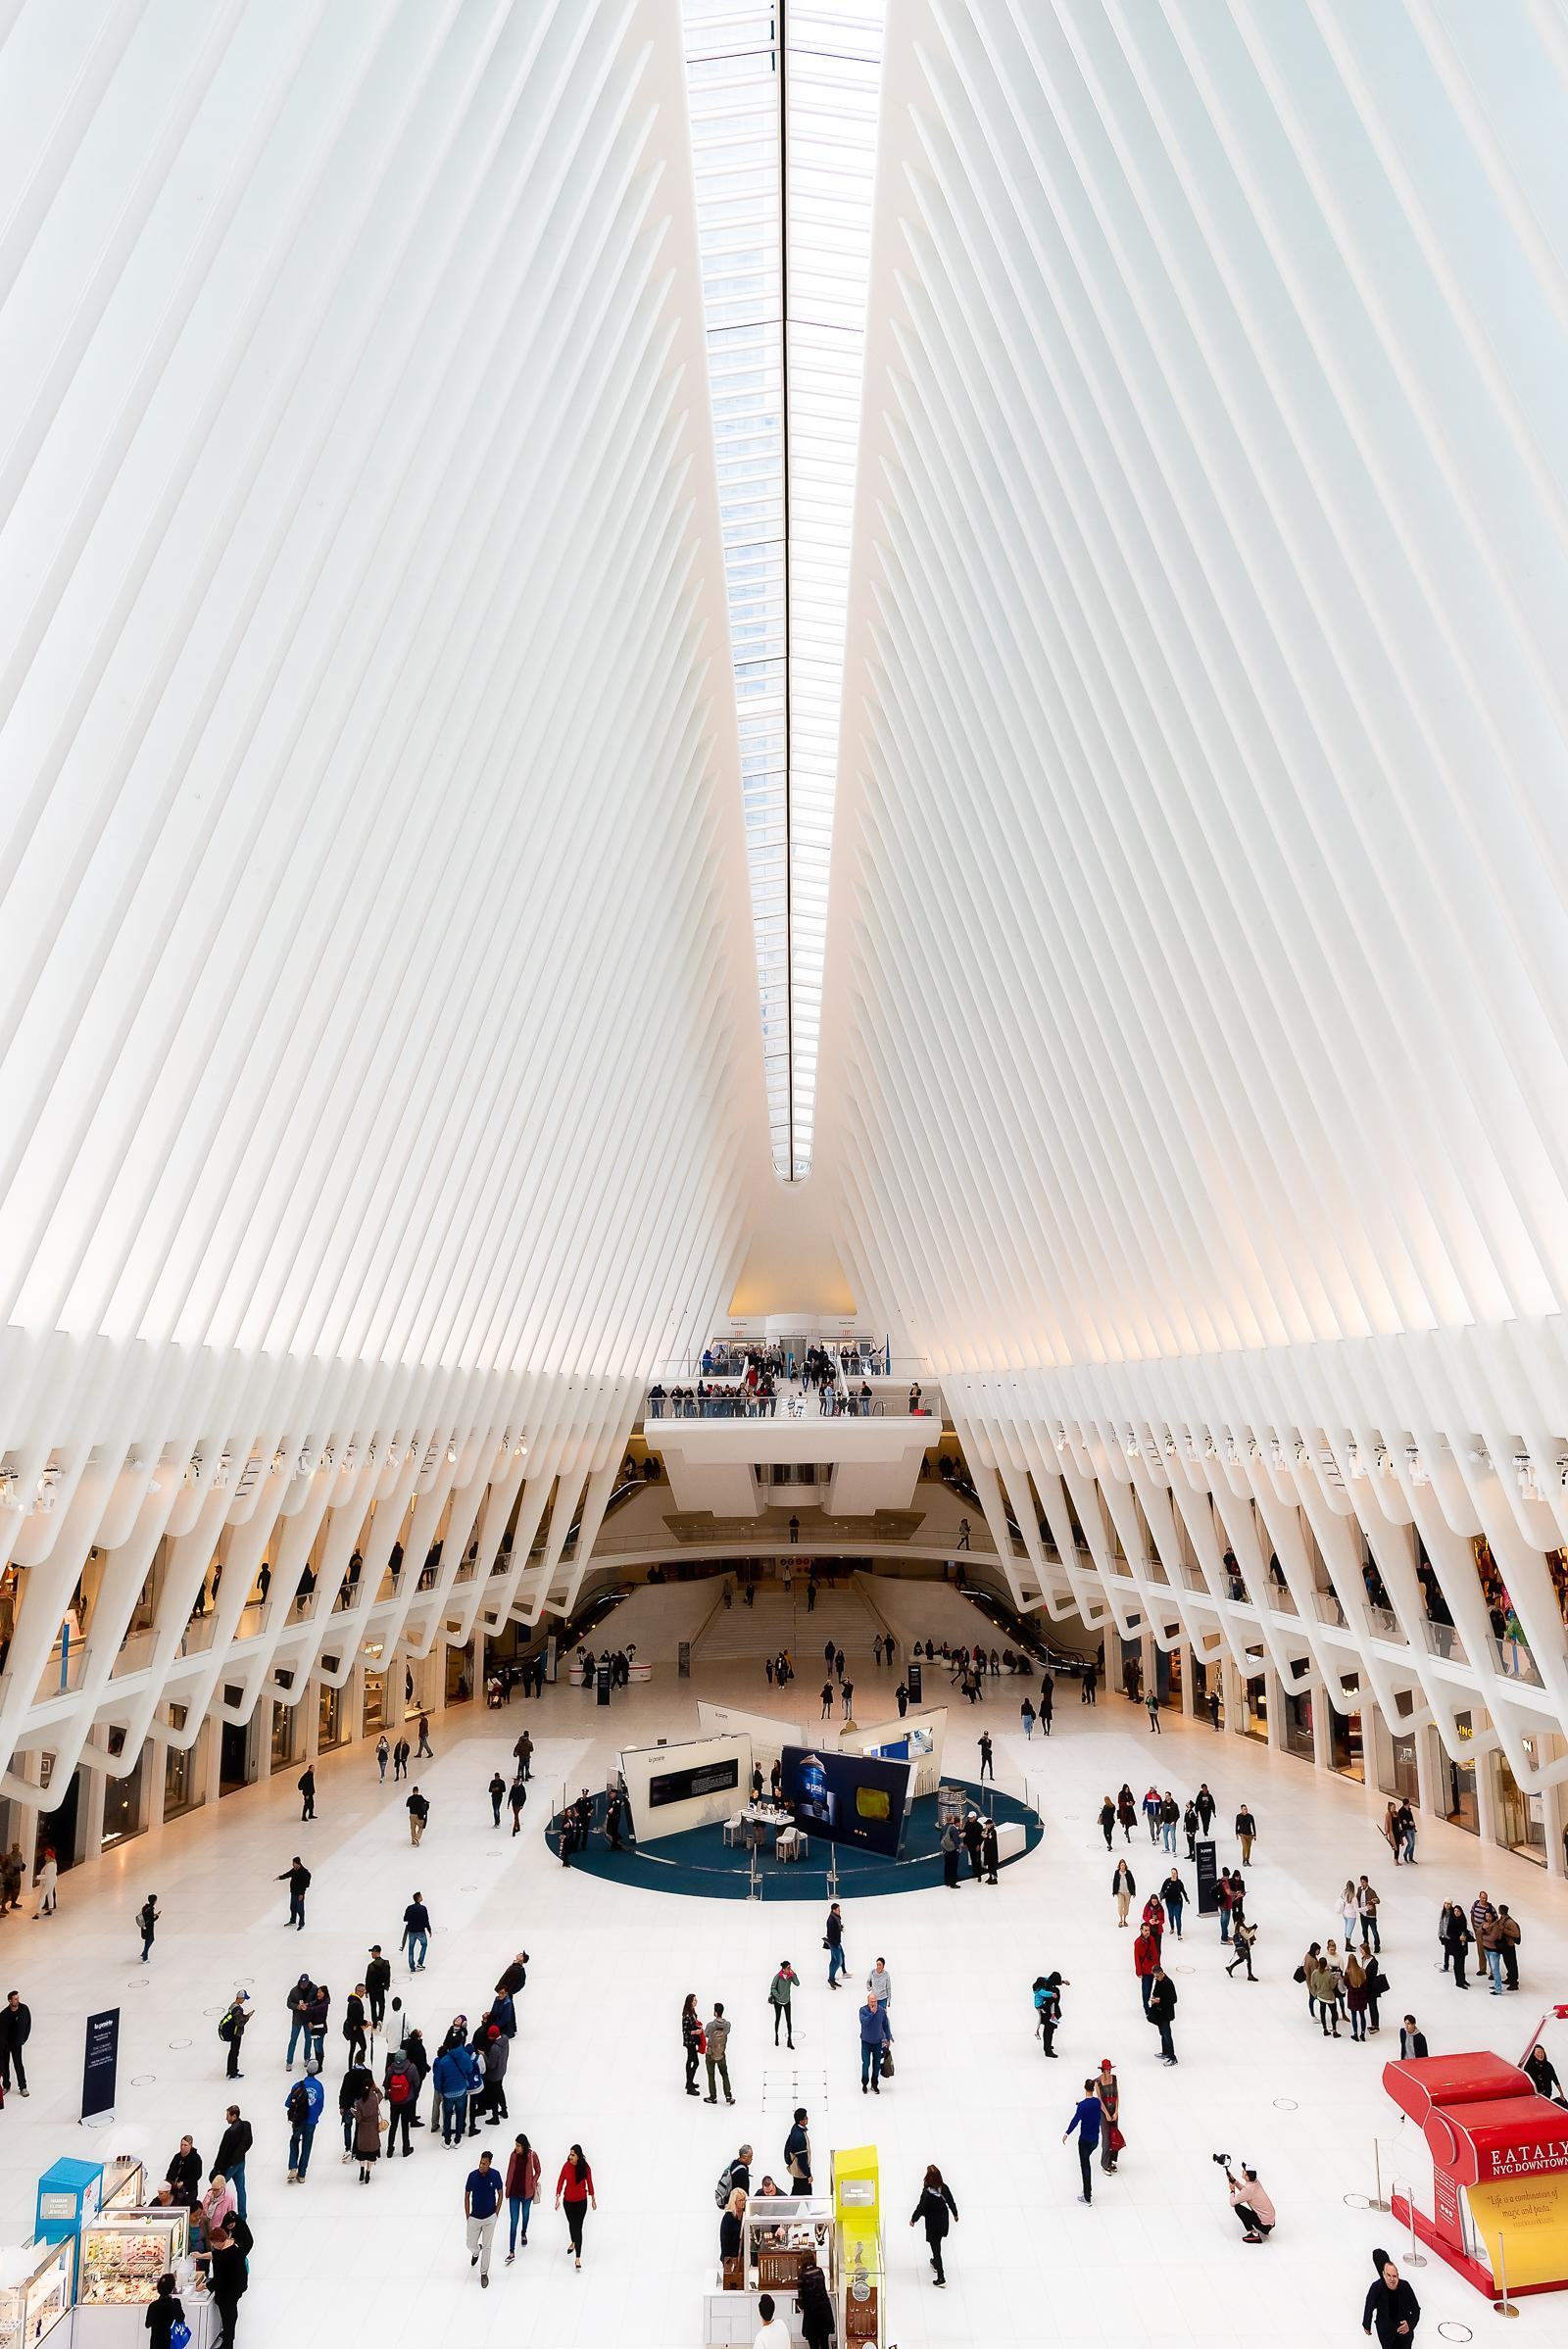 NYC October 2018 World Trade Center